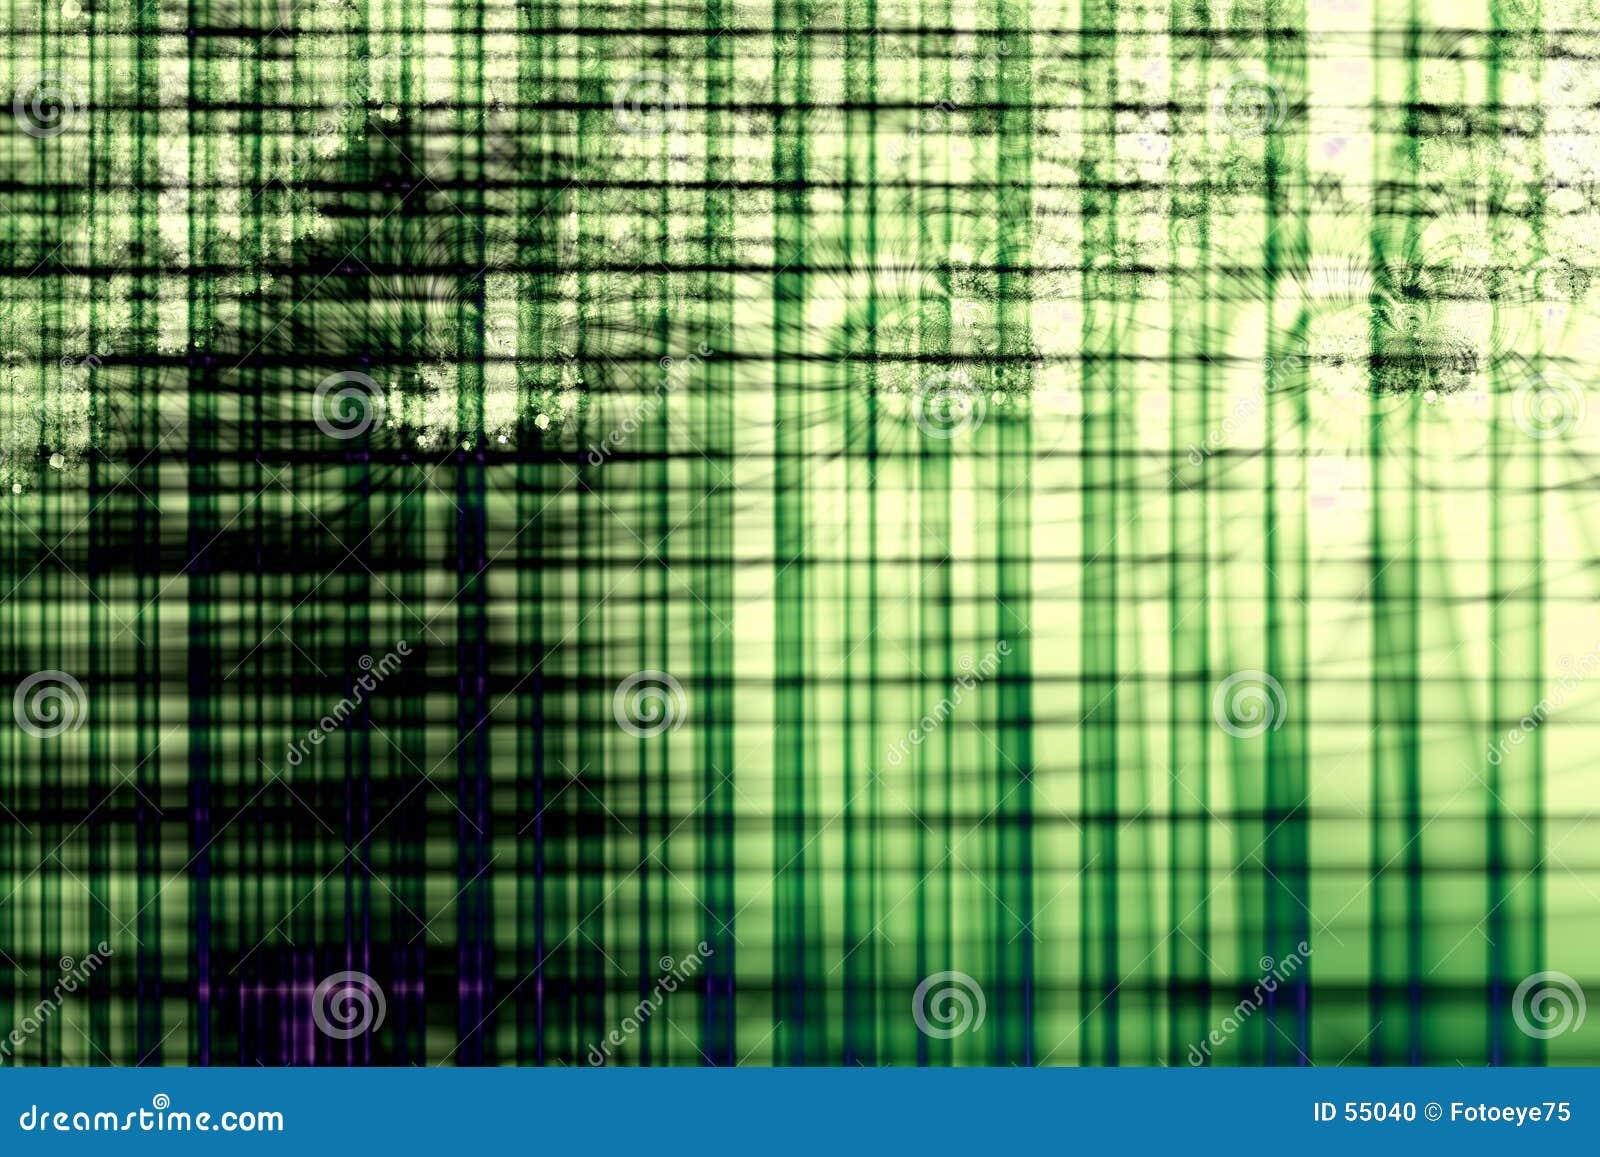 Groen Net